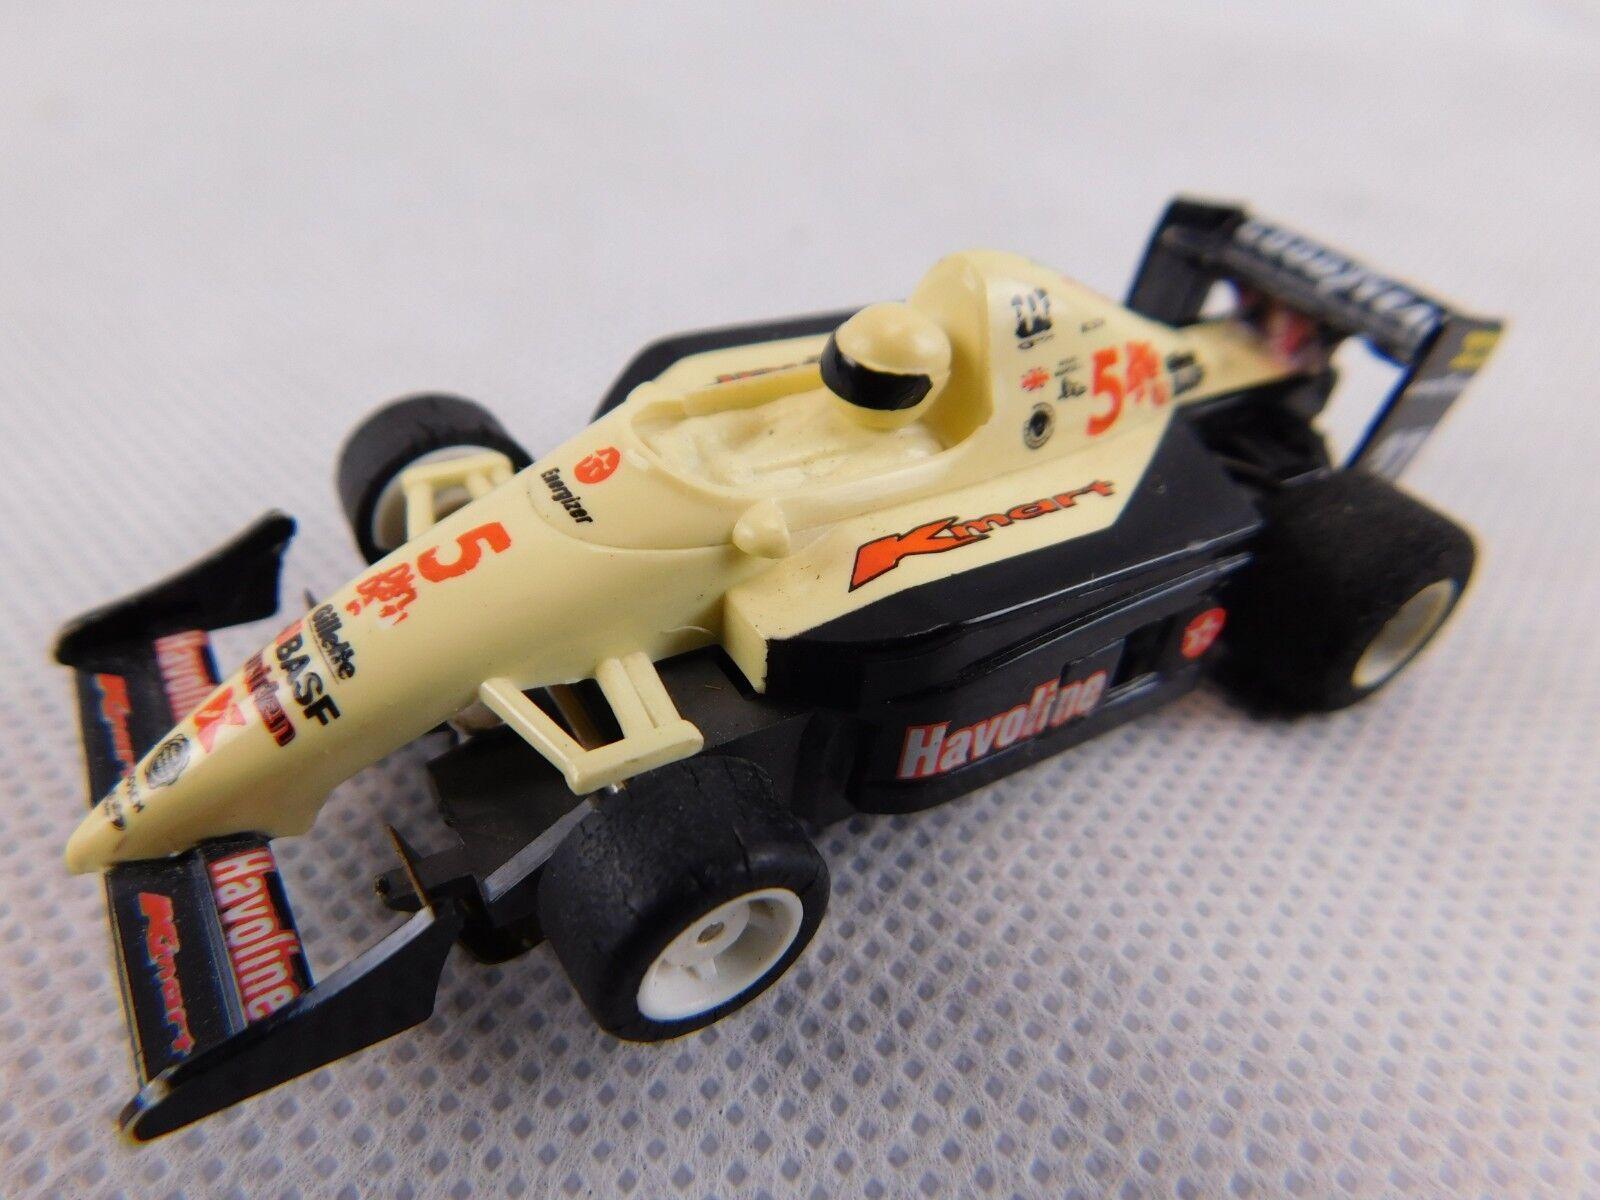 FALLER AMS / TYCO Model Rennwagen Auto PKW Slotcar Formel 1 Fahrzeug H0 1:87 #2